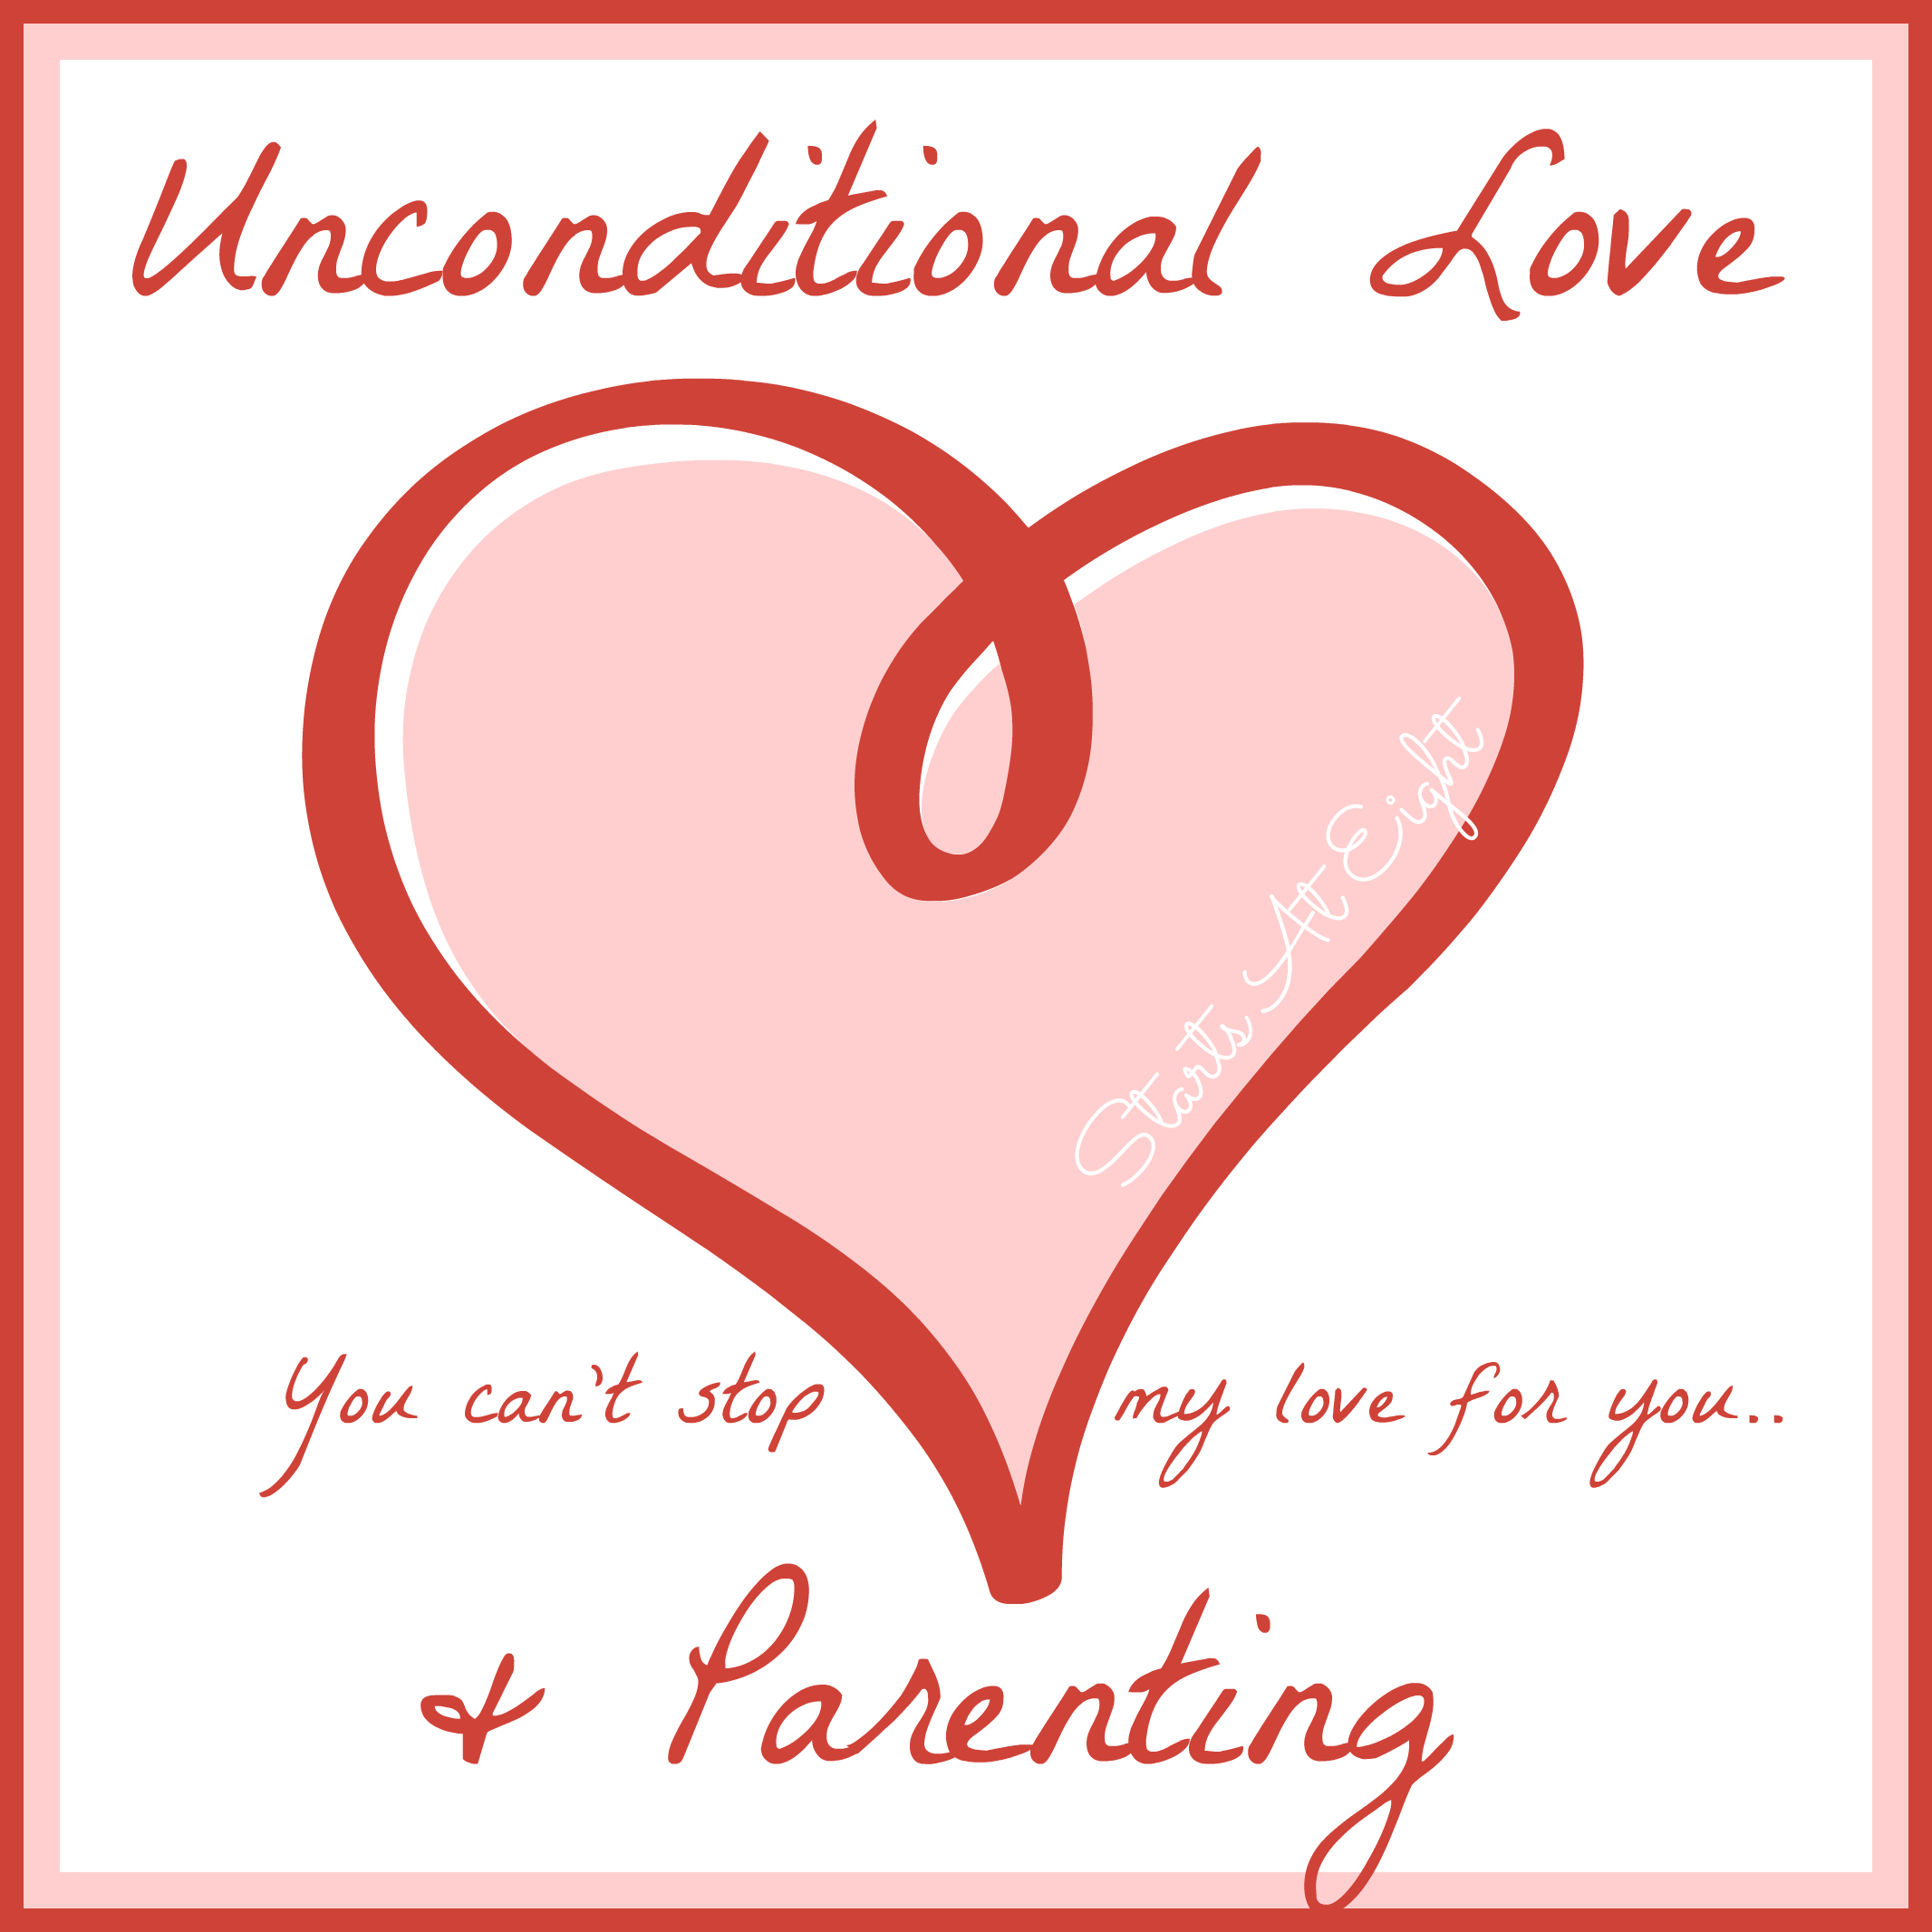 Parenting Unconditional Parenting